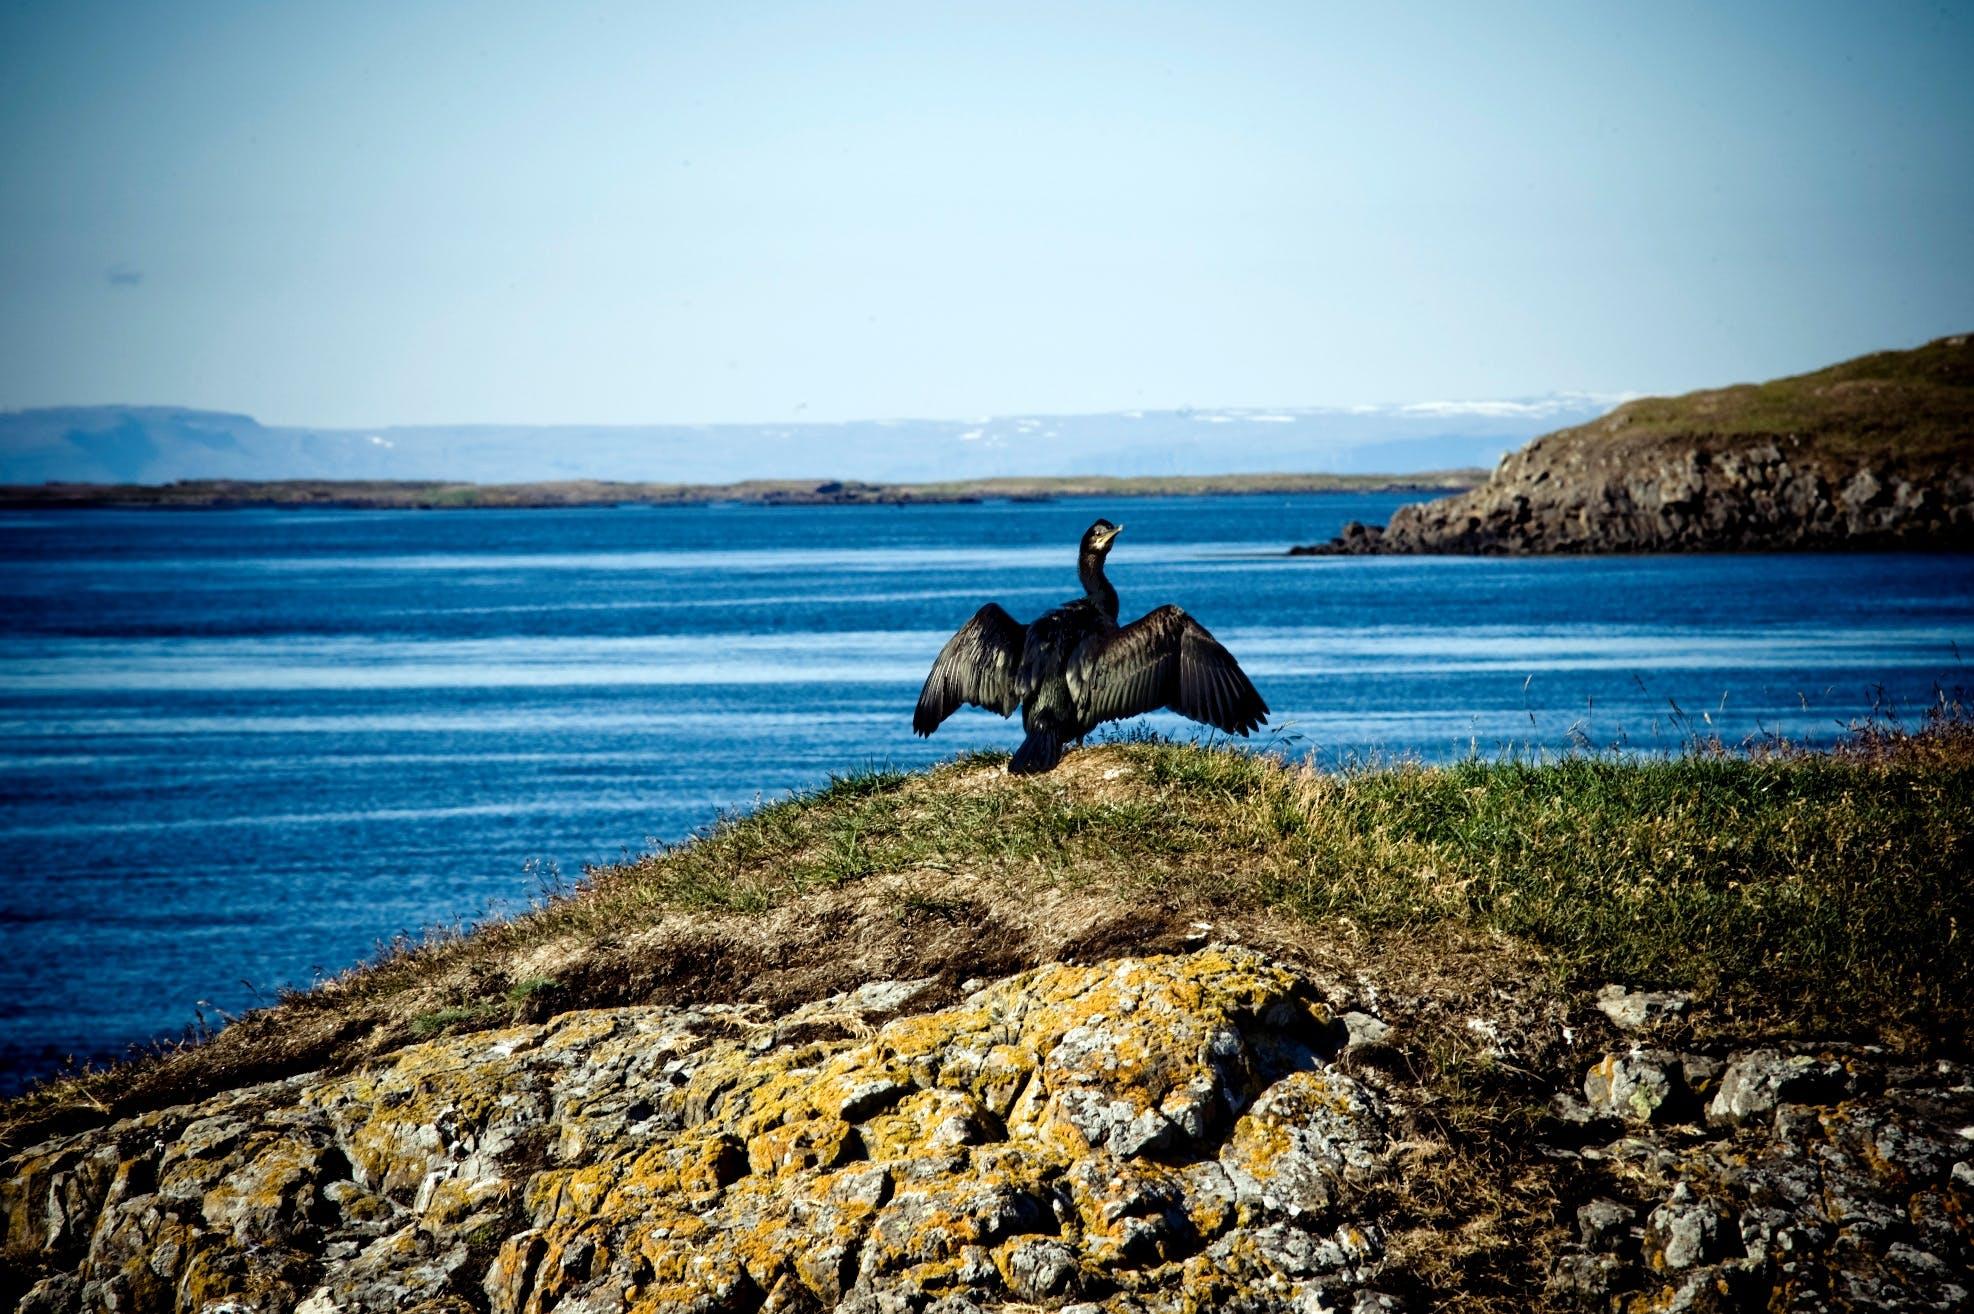 布雷扎湾Breiðafjörður是冰岛许多海鸟的聚集地